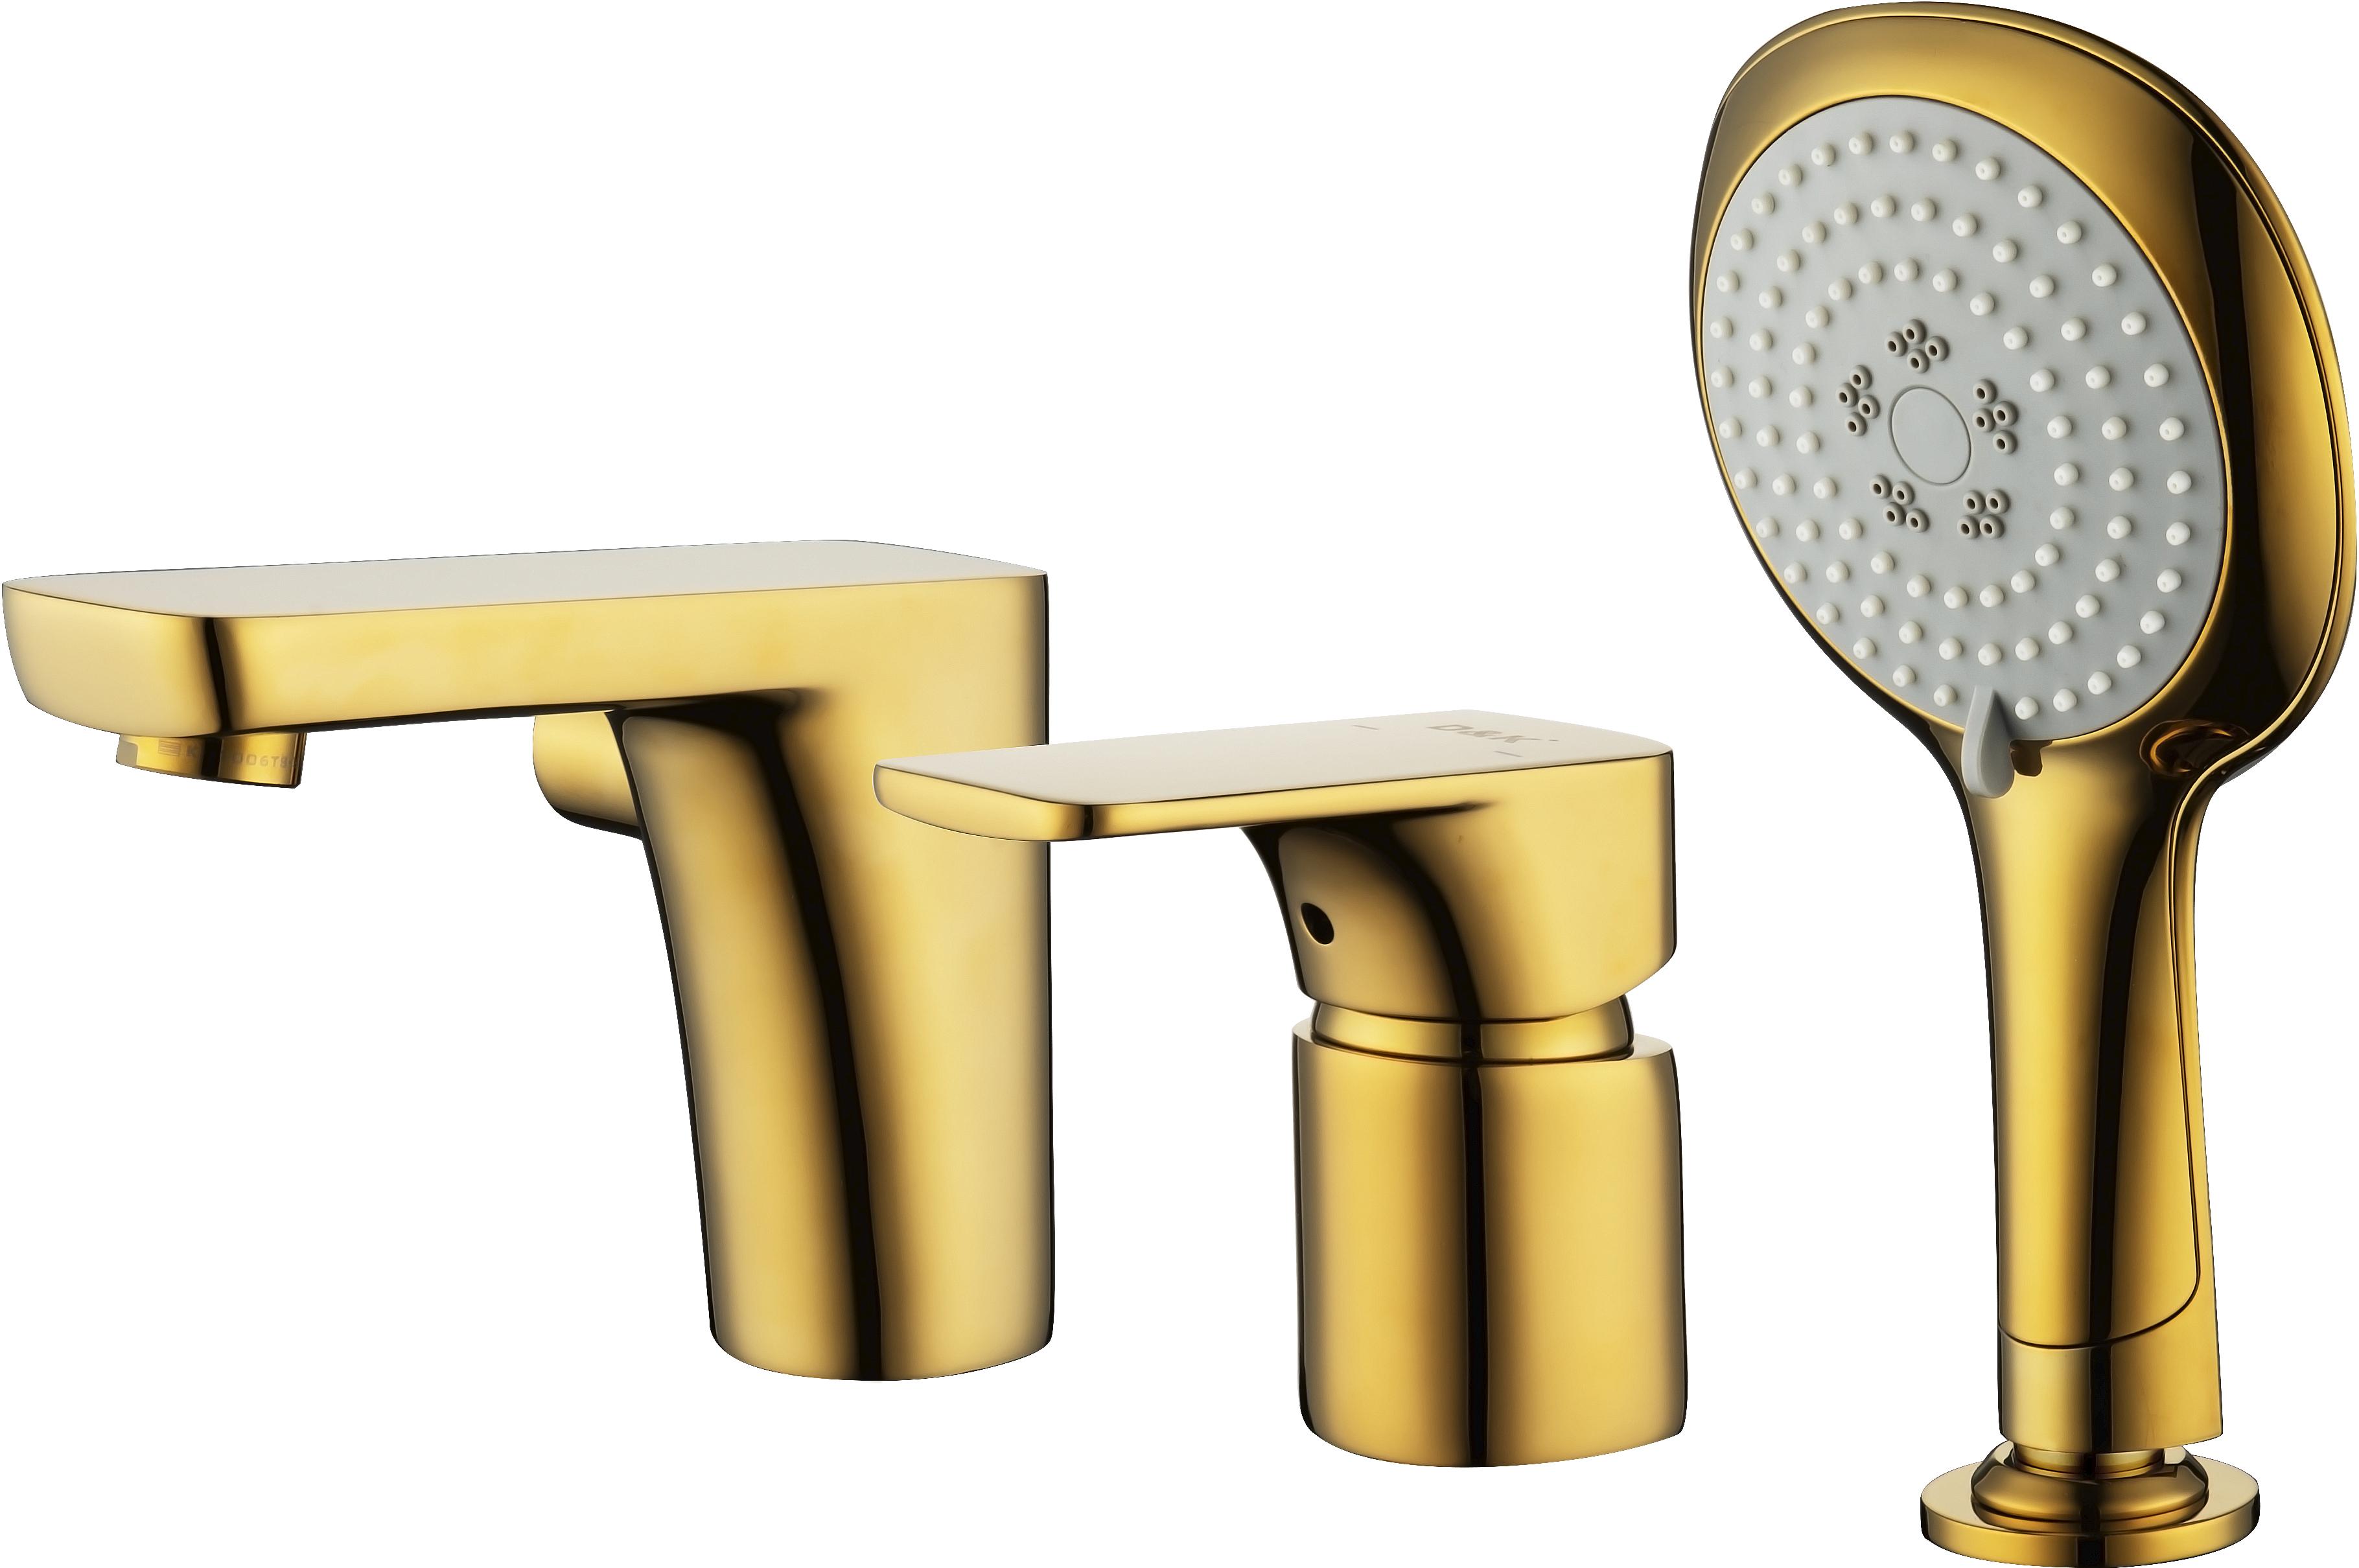 Смеситель на борт ванны D&K Berlin.Tourto DA1434903 врезной золото